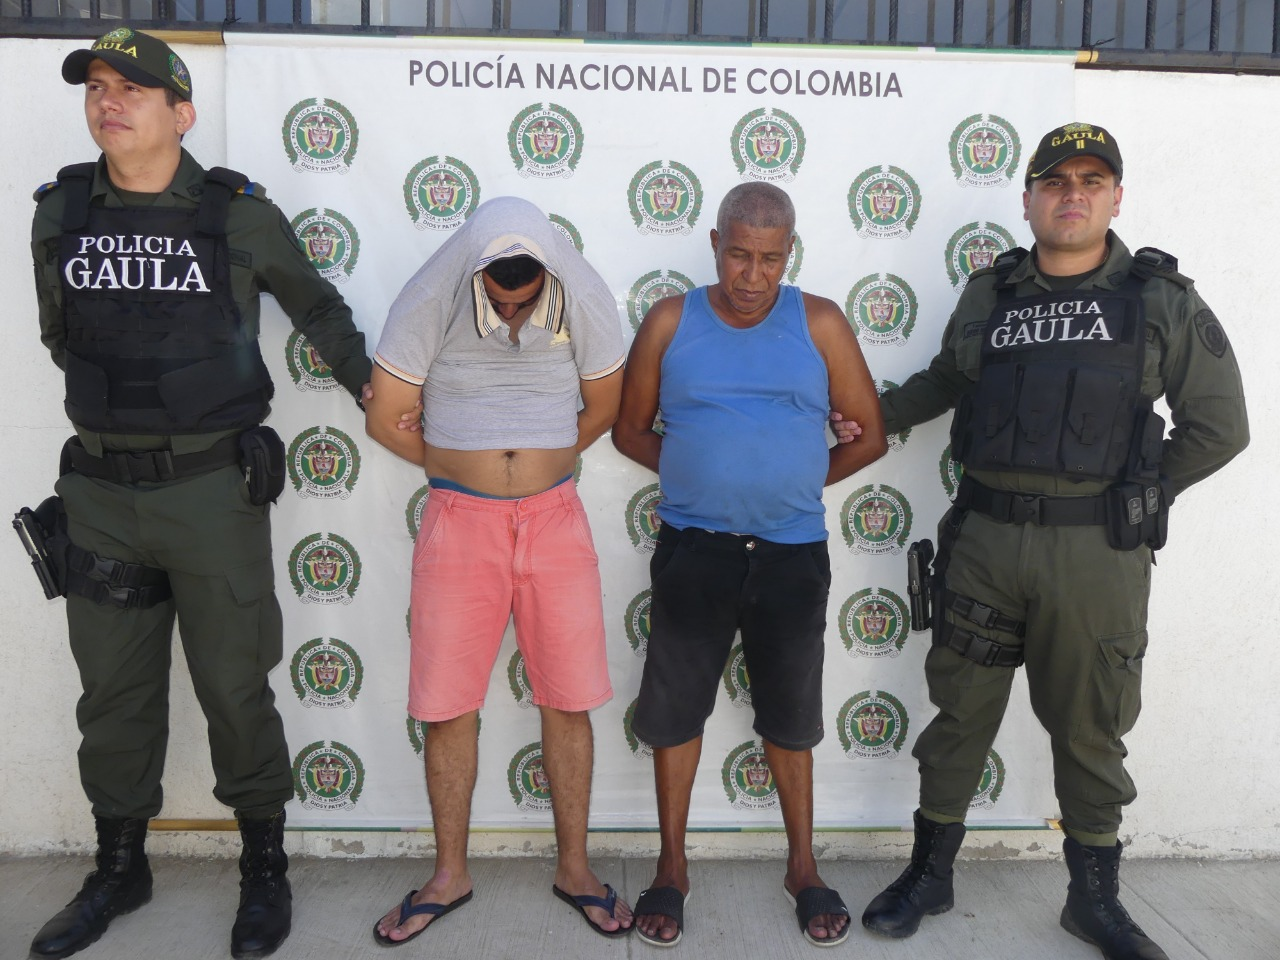 Los supuestos secuestradores presentados en esta foto eran realmente las víctimas del hurto de una camioneta.